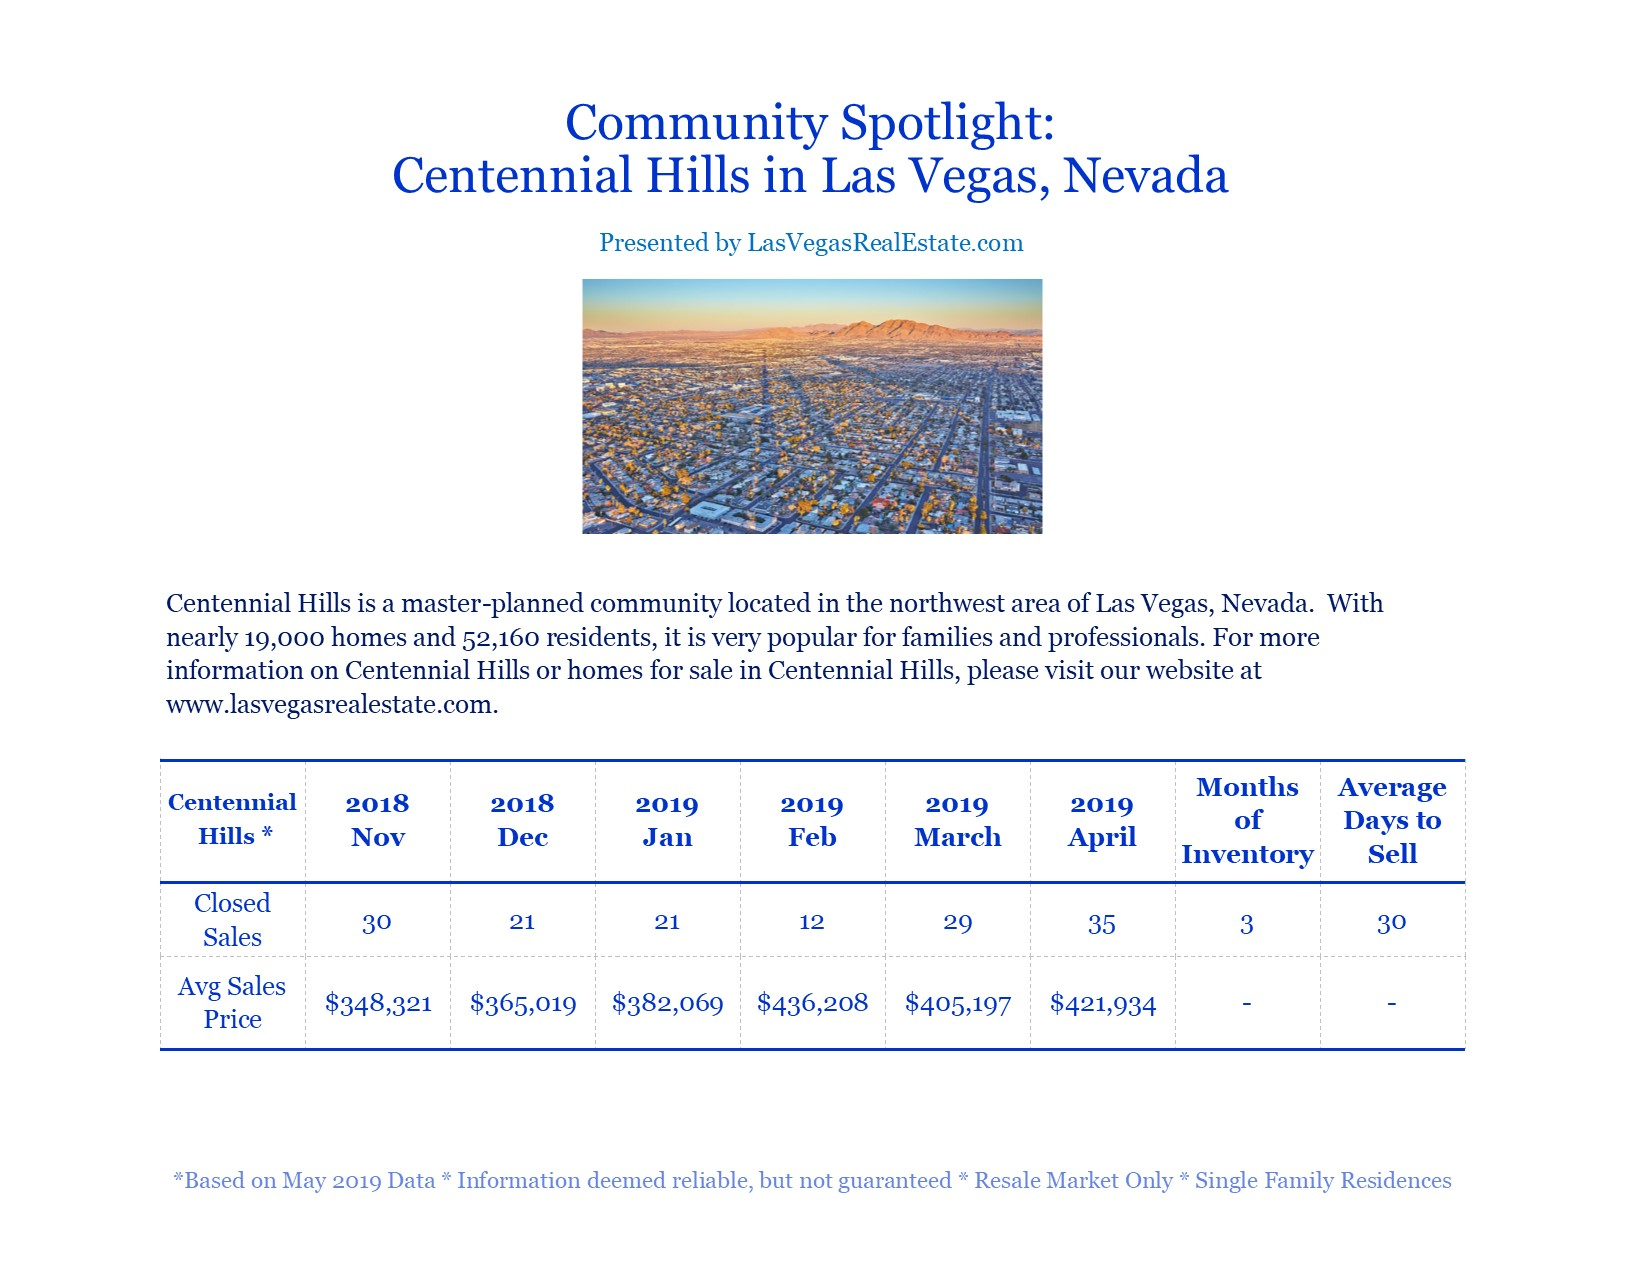 Community Spotlight - Centennial Hills - May 2019